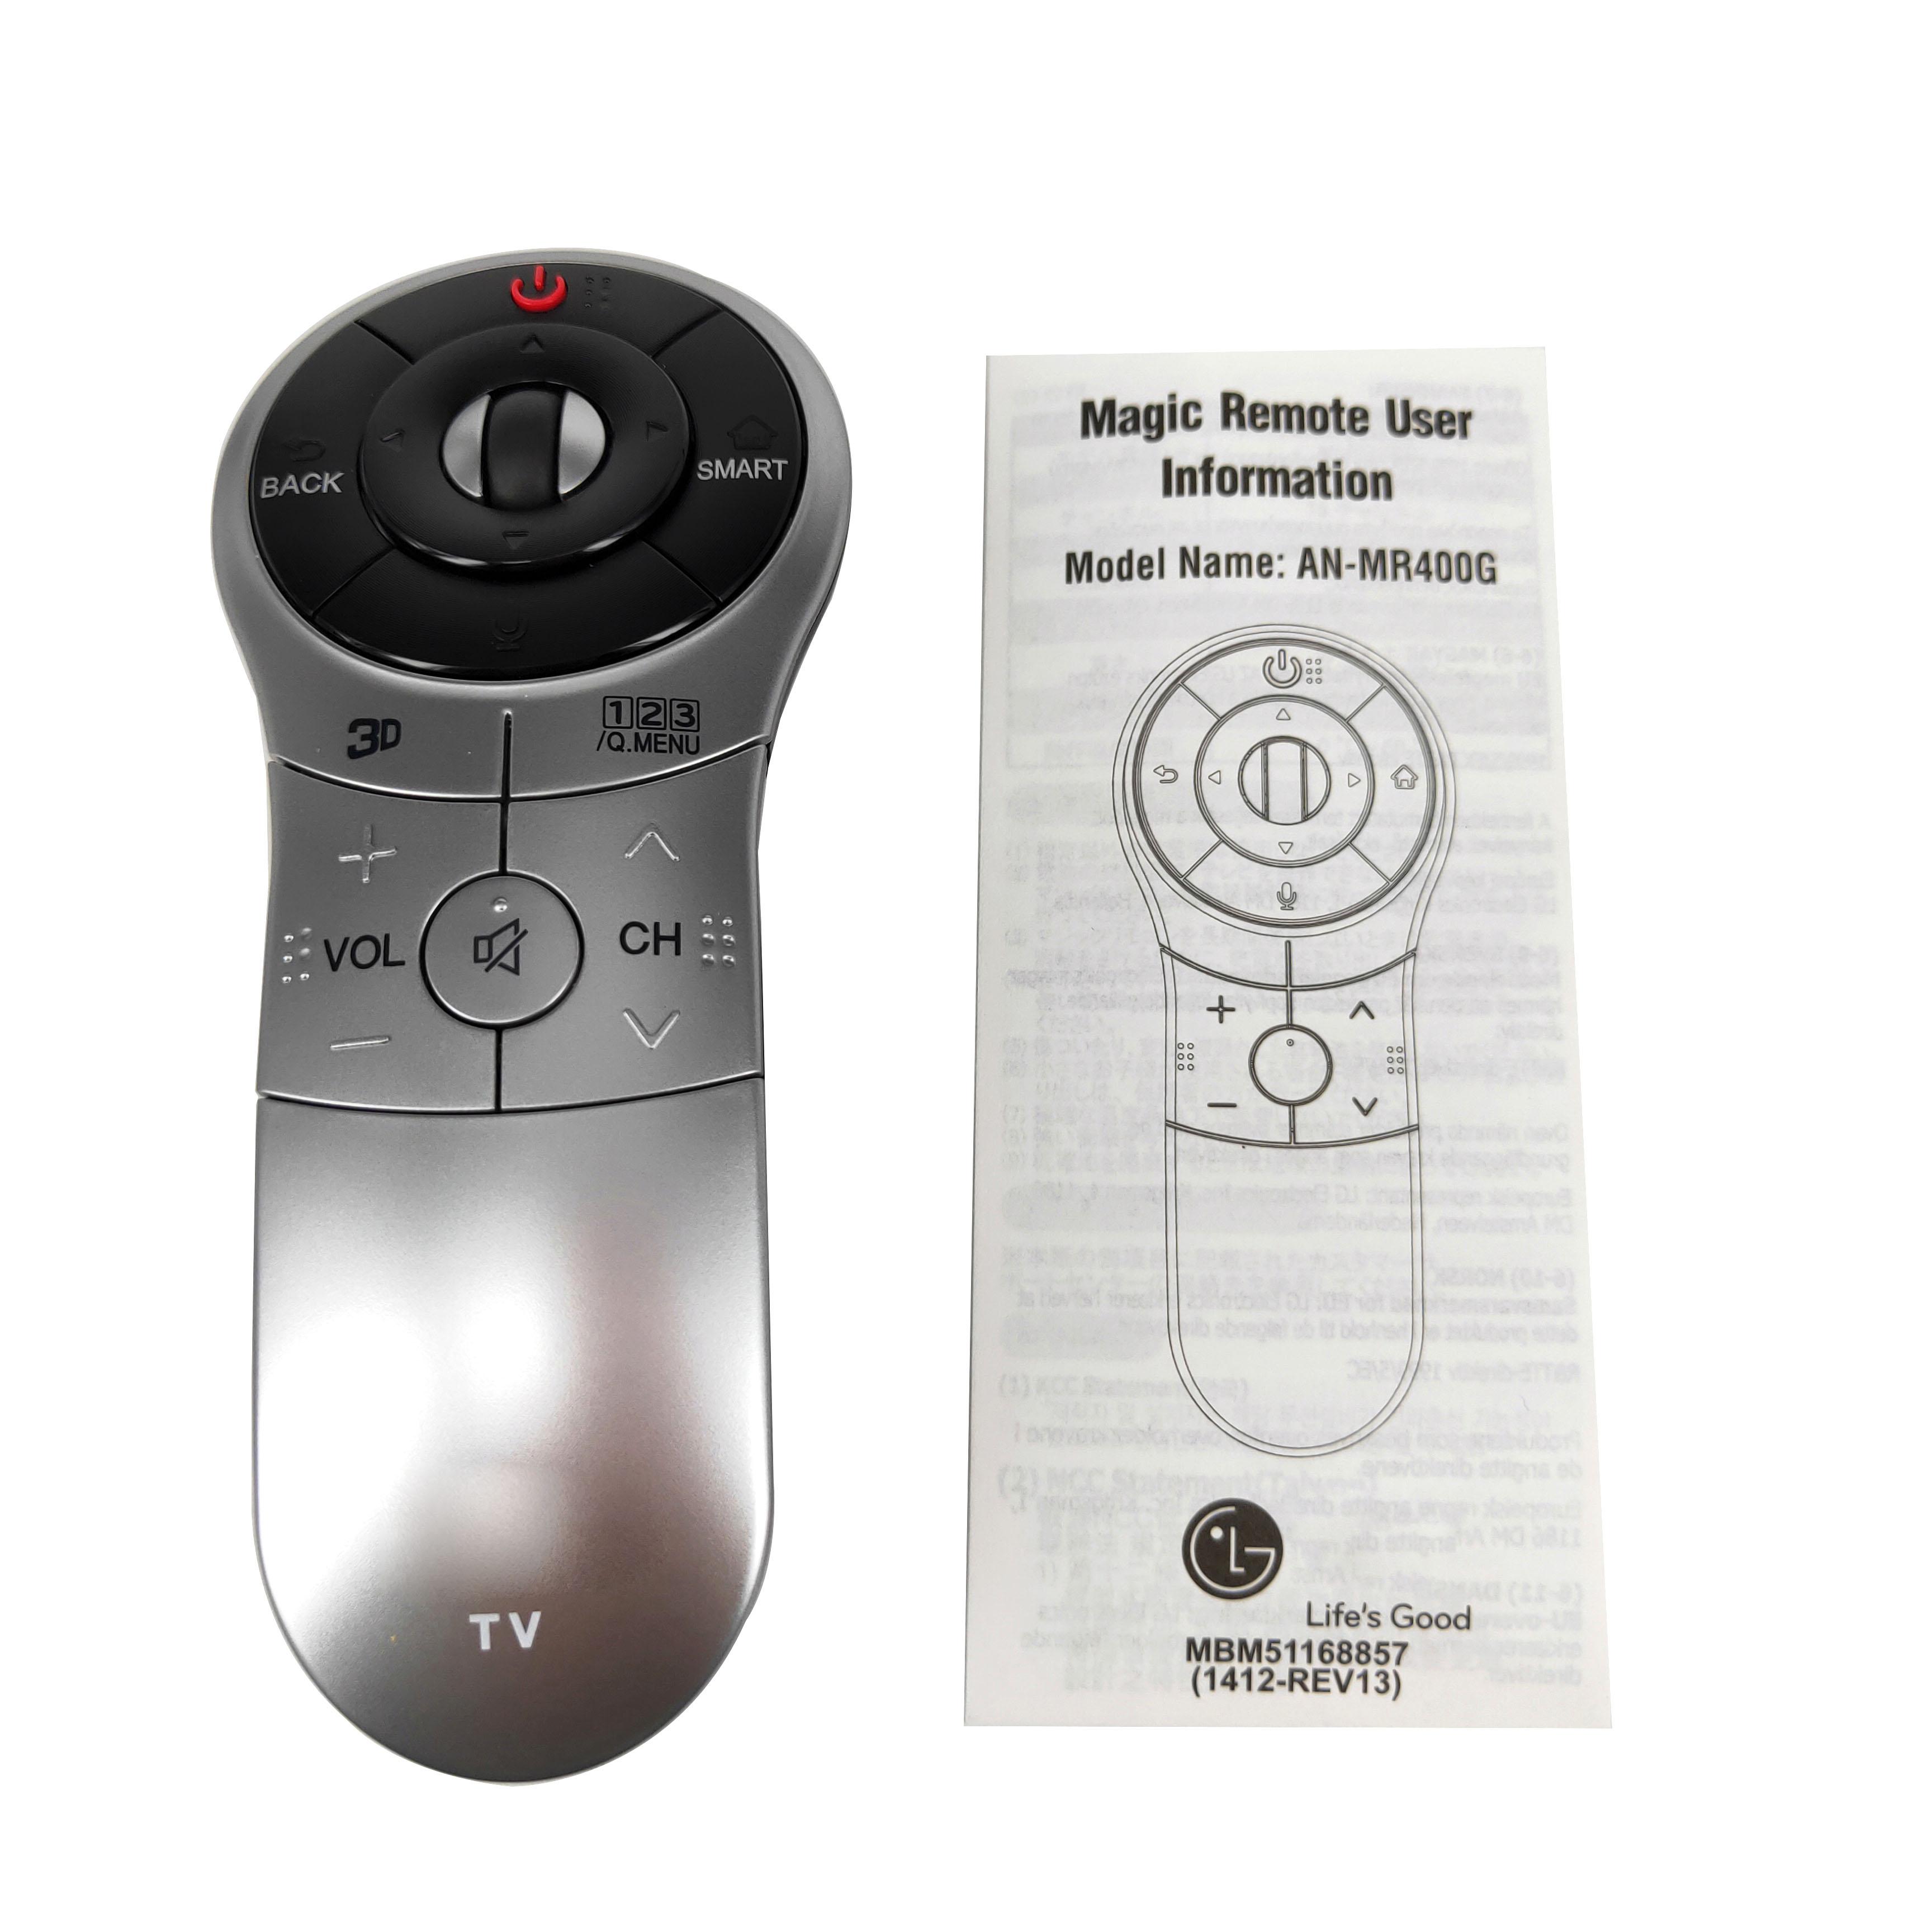 Nouveau Original ANMR400 AN-MR400G télécommande magique pour LG SMART TV sans récepteur pour LA6200 LA6500 série MBM51168857